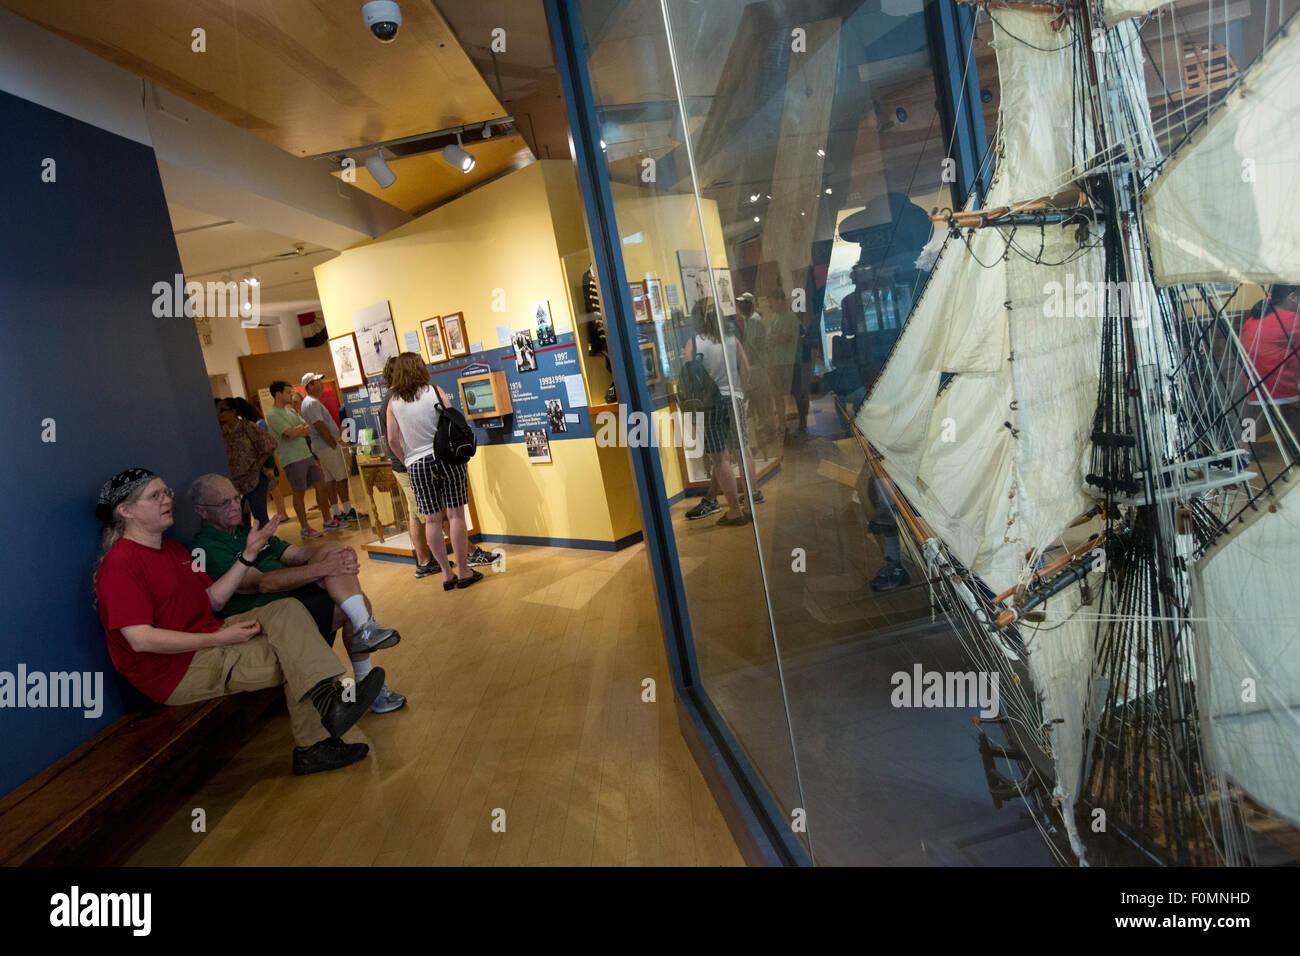 USS Constitution Museum, el modelo de la Constitución Foto de stock